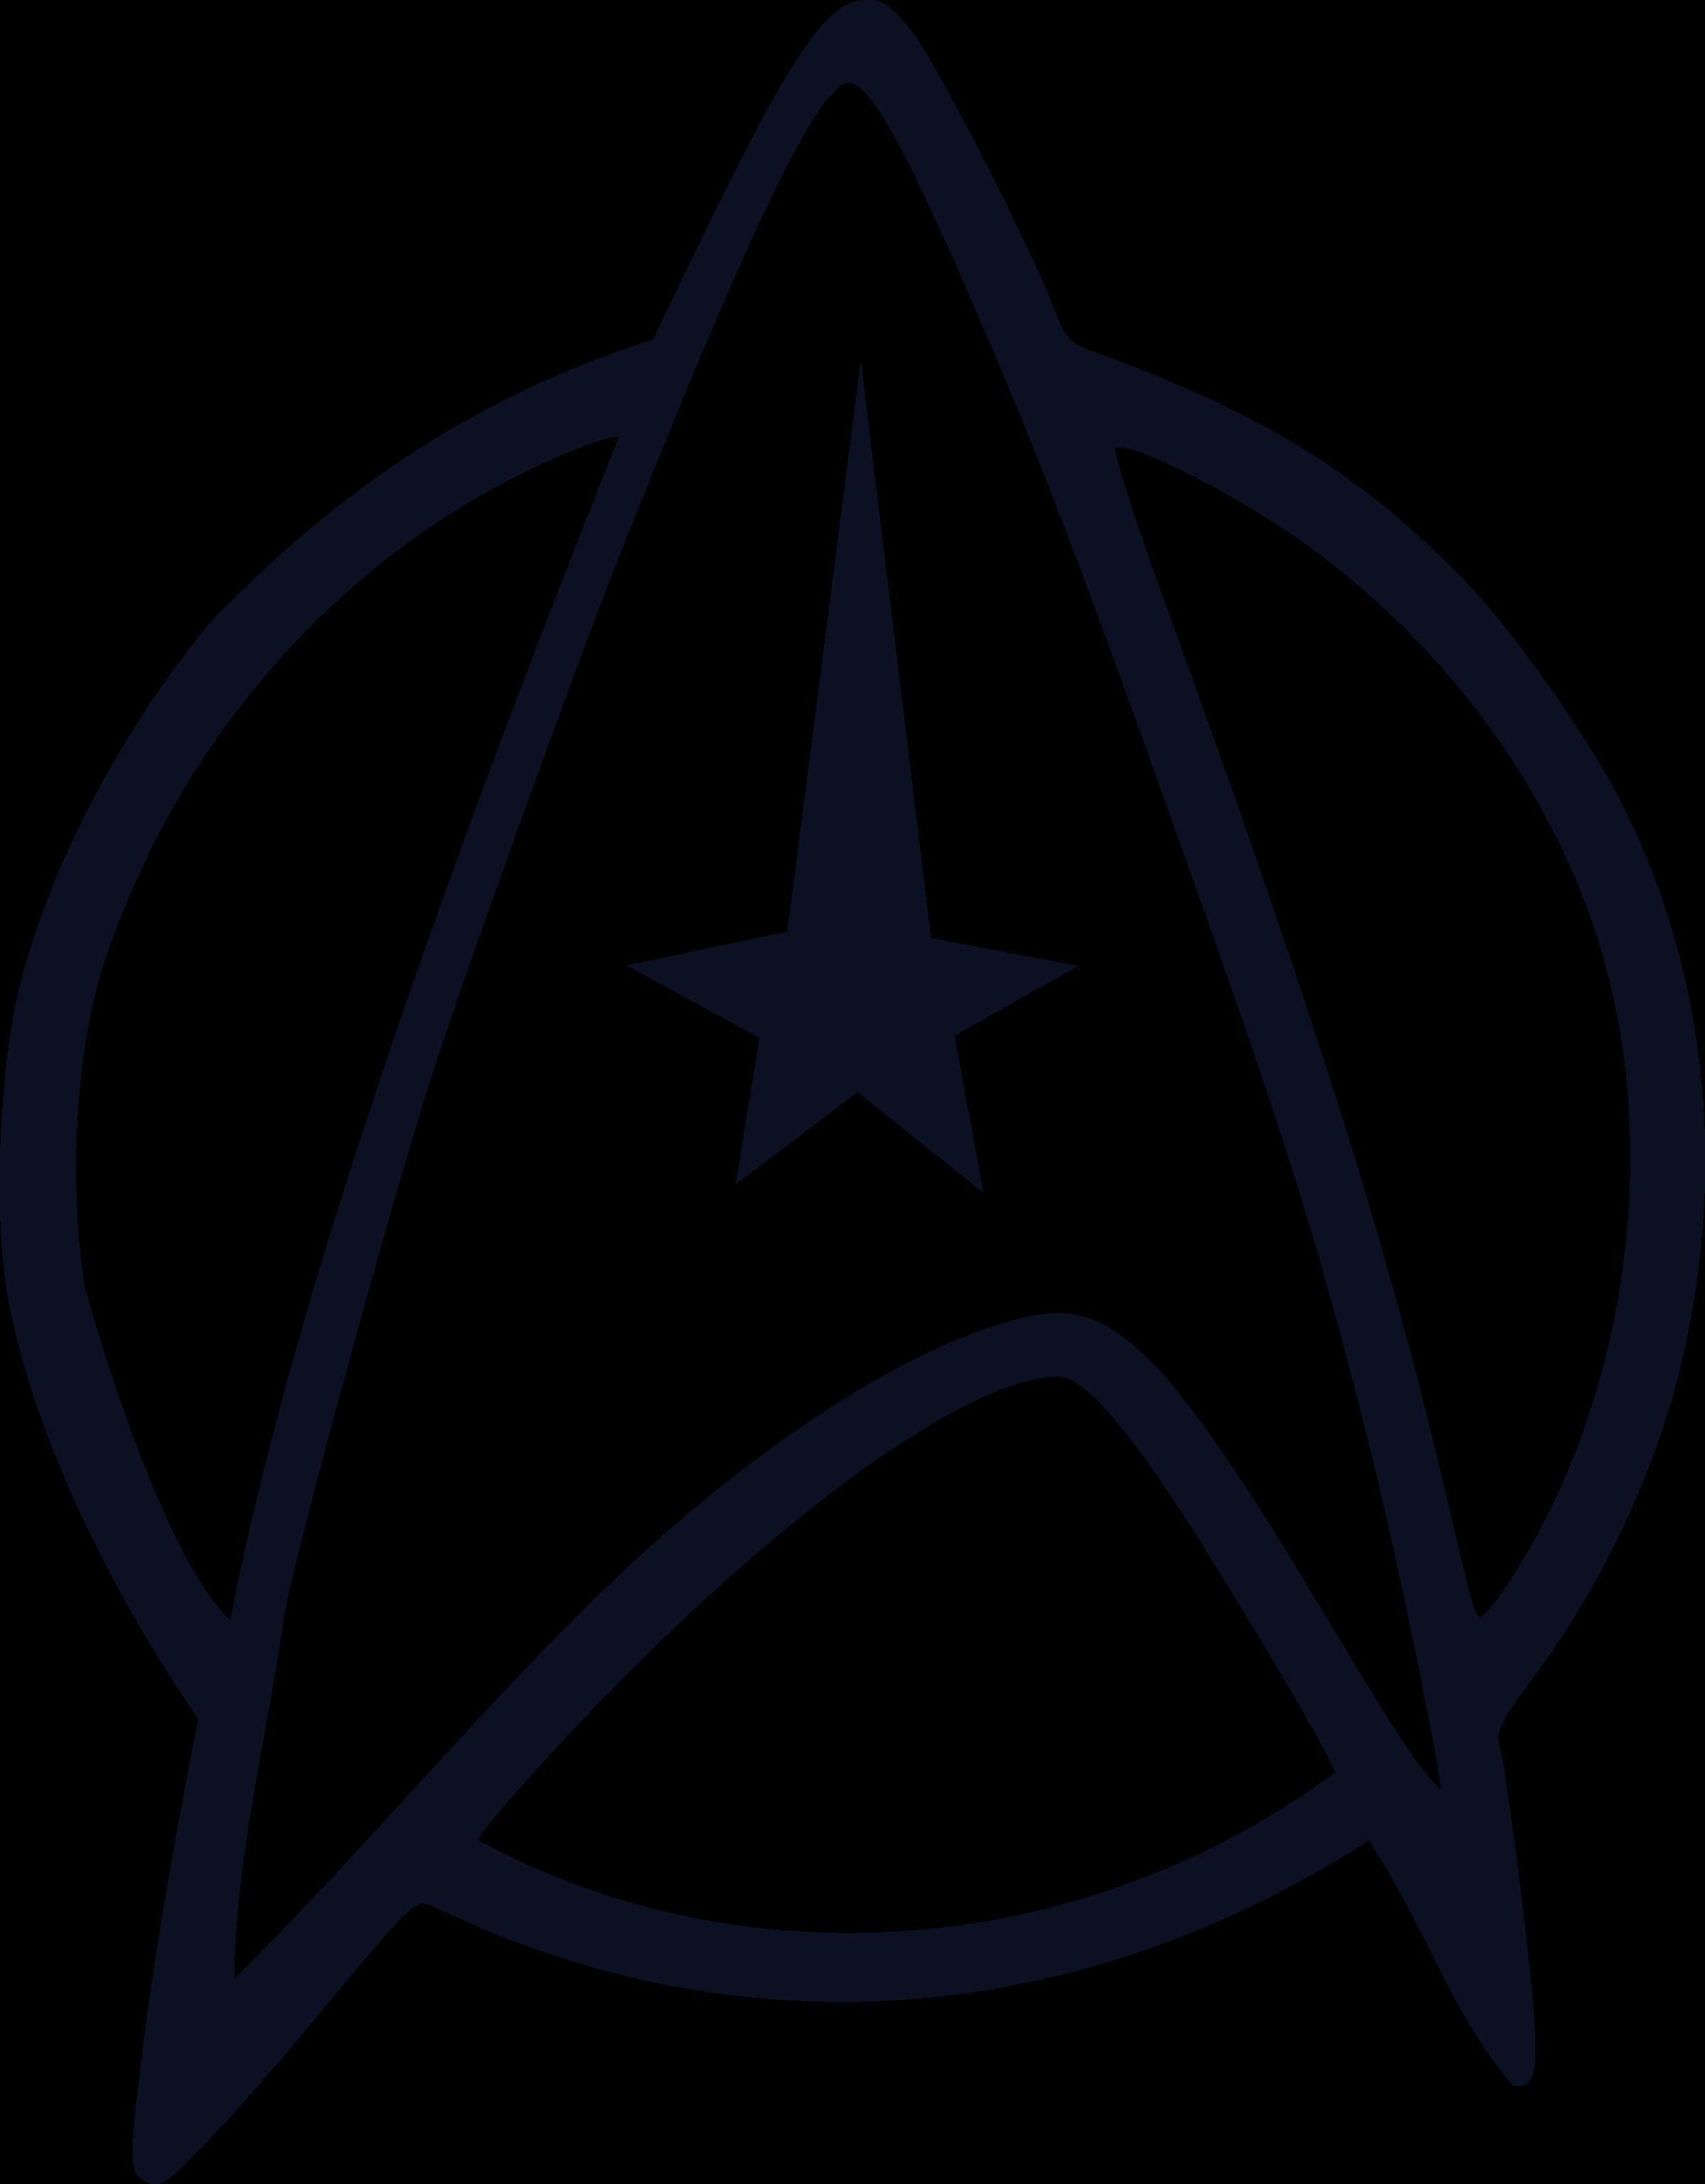 Starfleet symbol clipart clip art free Vector graphics Star Trek Clip art Starfleet Logo - splatoon ... clip art free